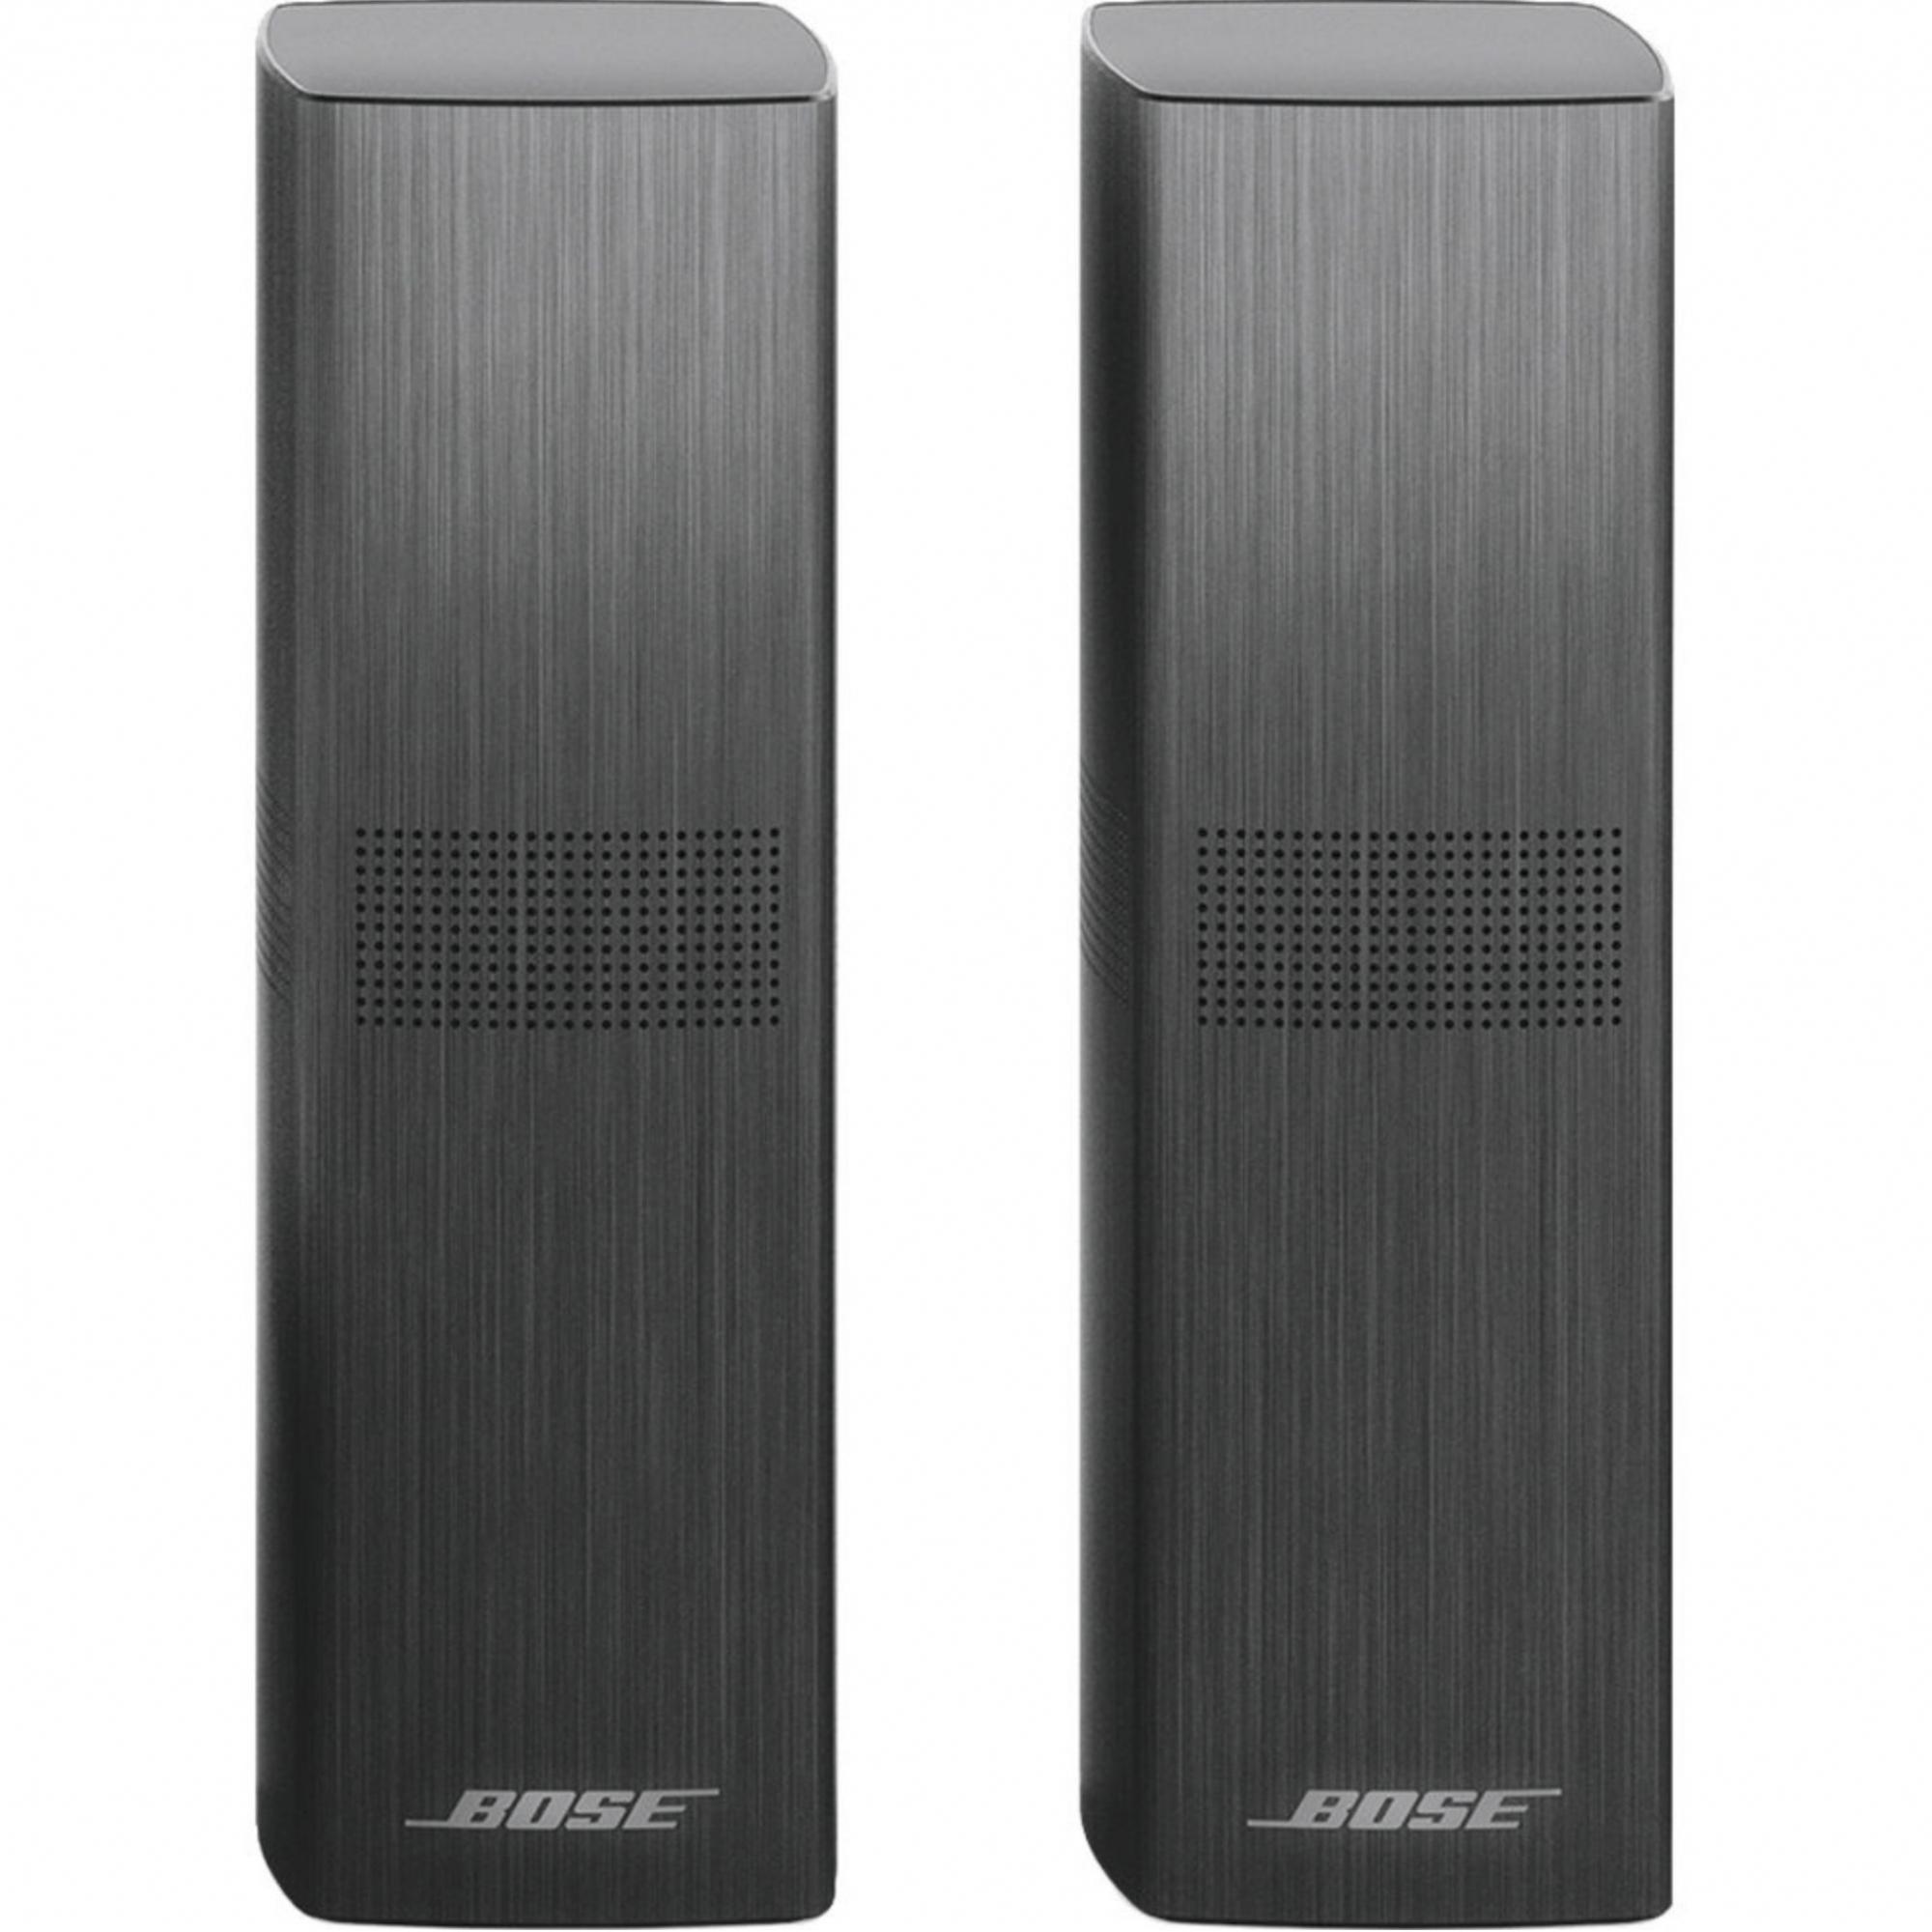 Bose Surround 700 Caixa Acústica Para Bose Soundbar ( Black, Par )